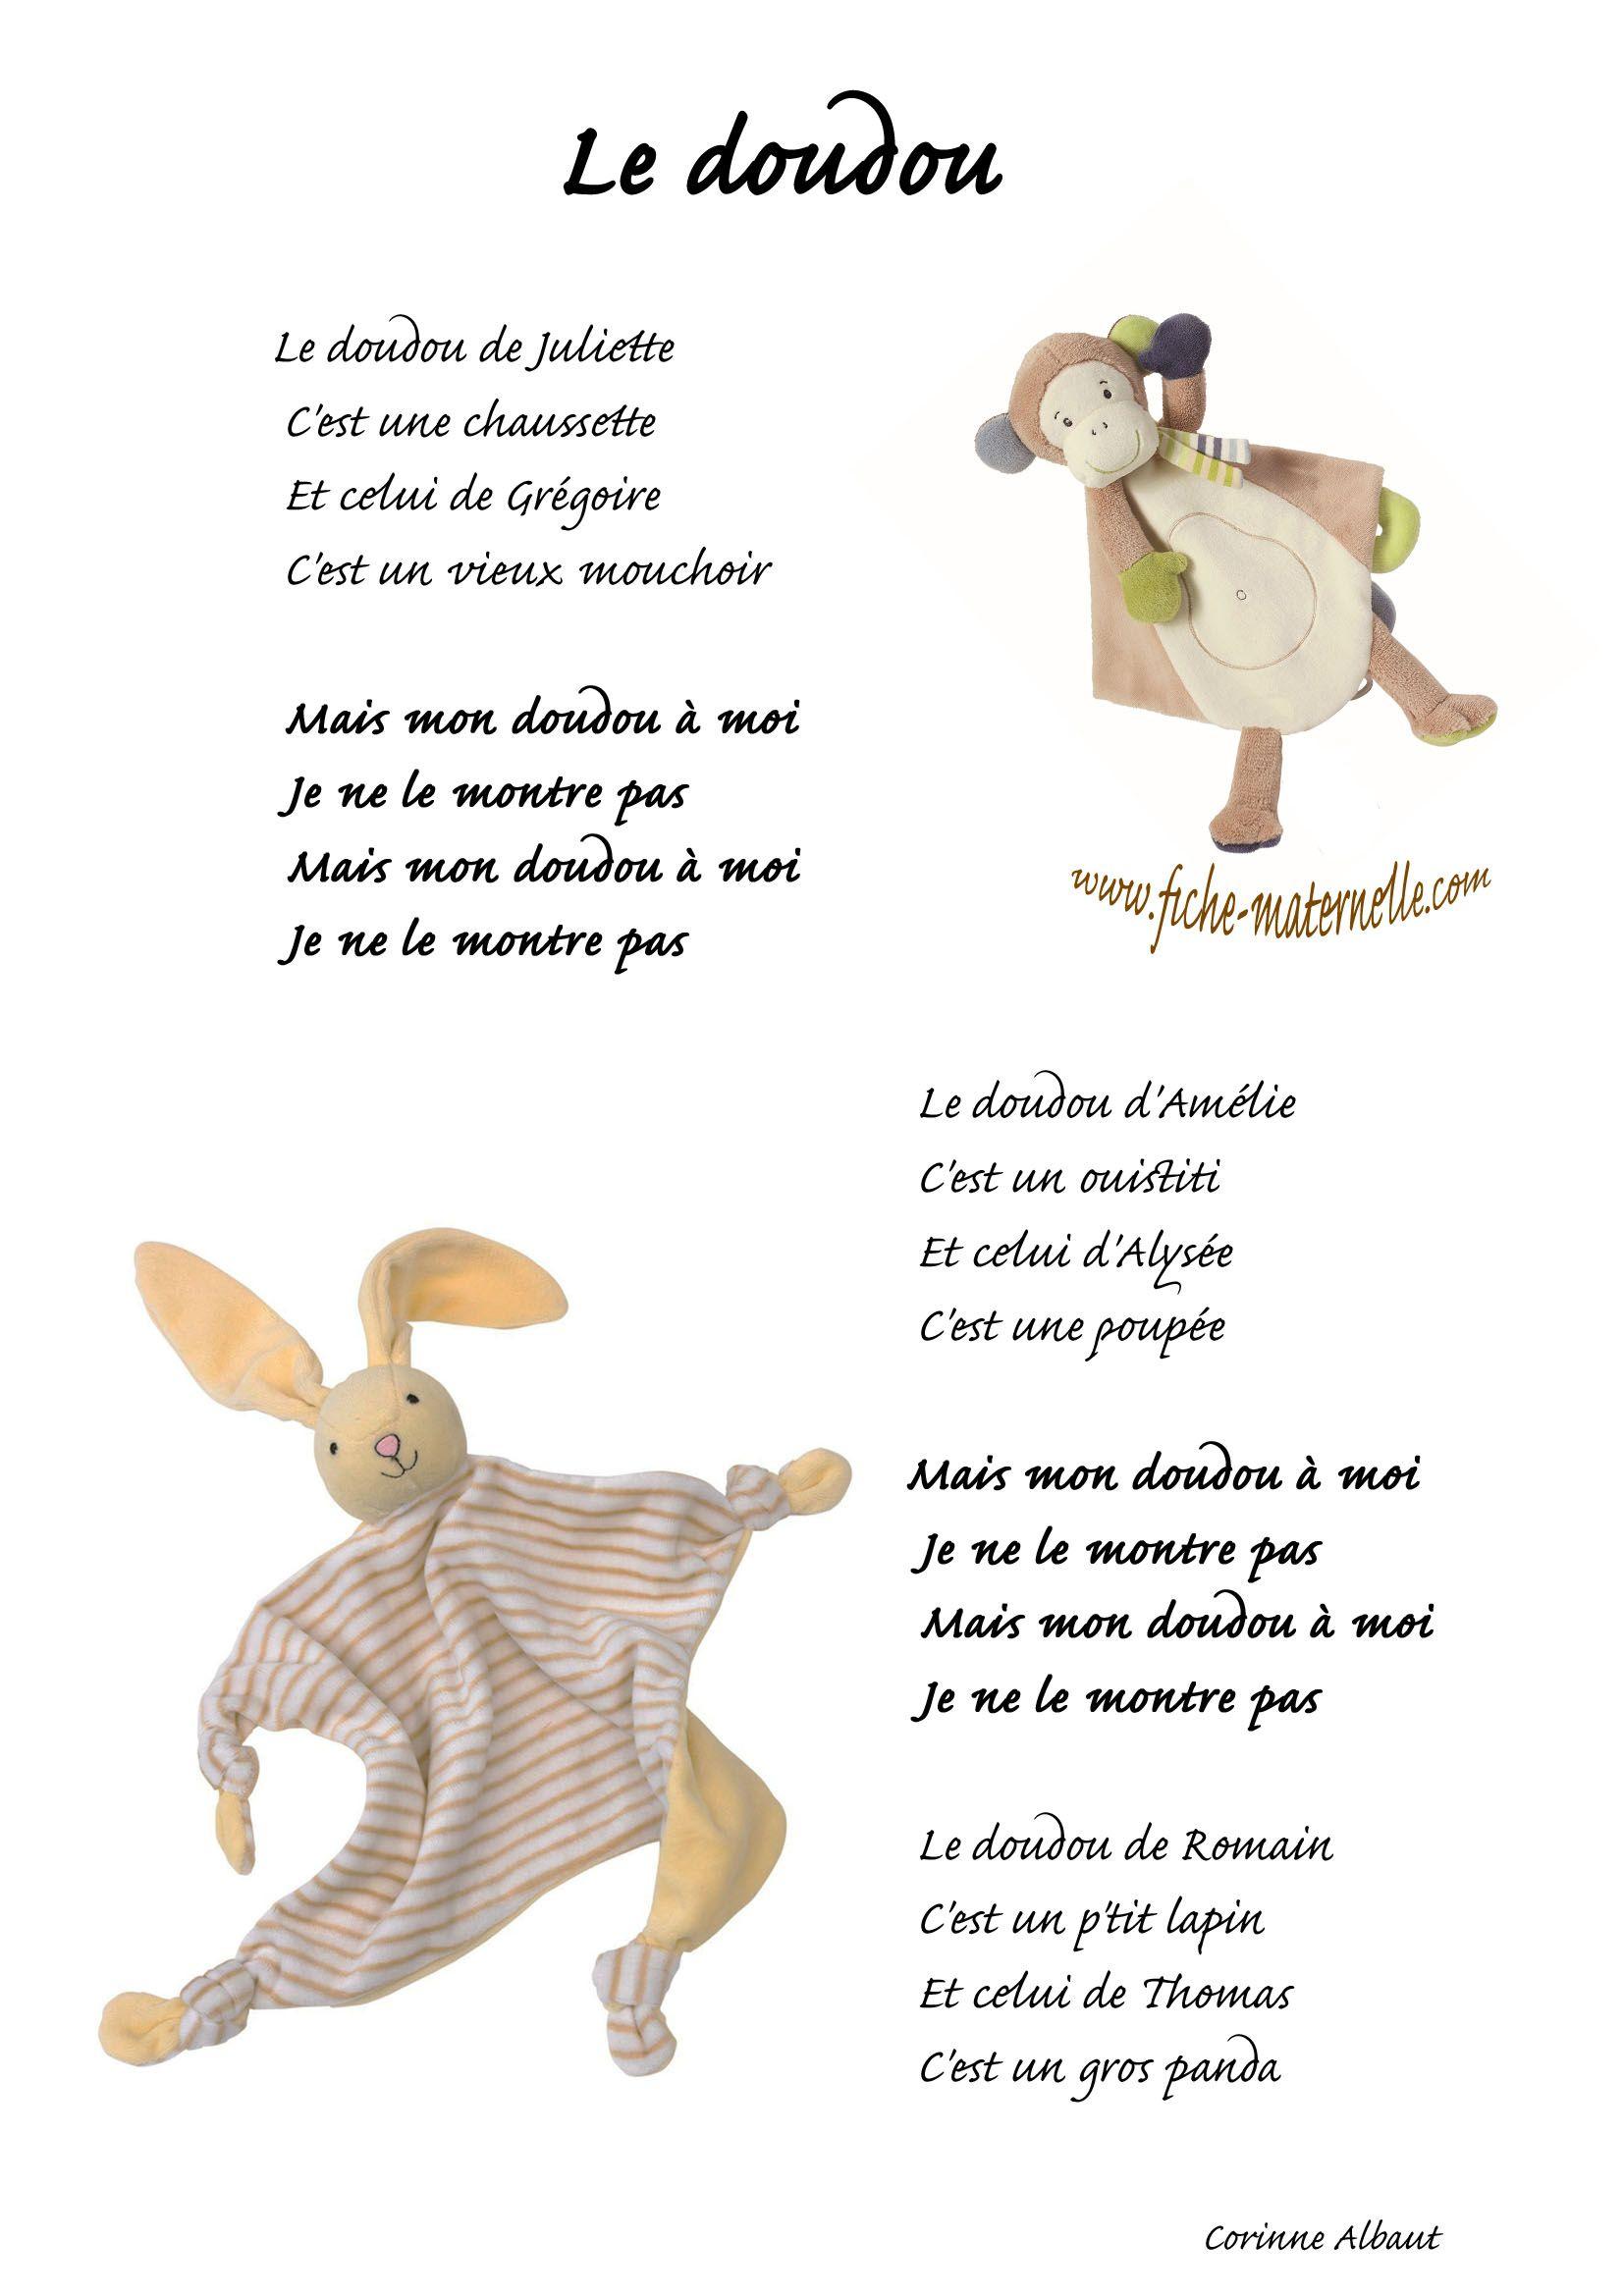 Chanson Le Doudou | Comptine Illustrée, Comptines dedans Chanson De La Petite Patate